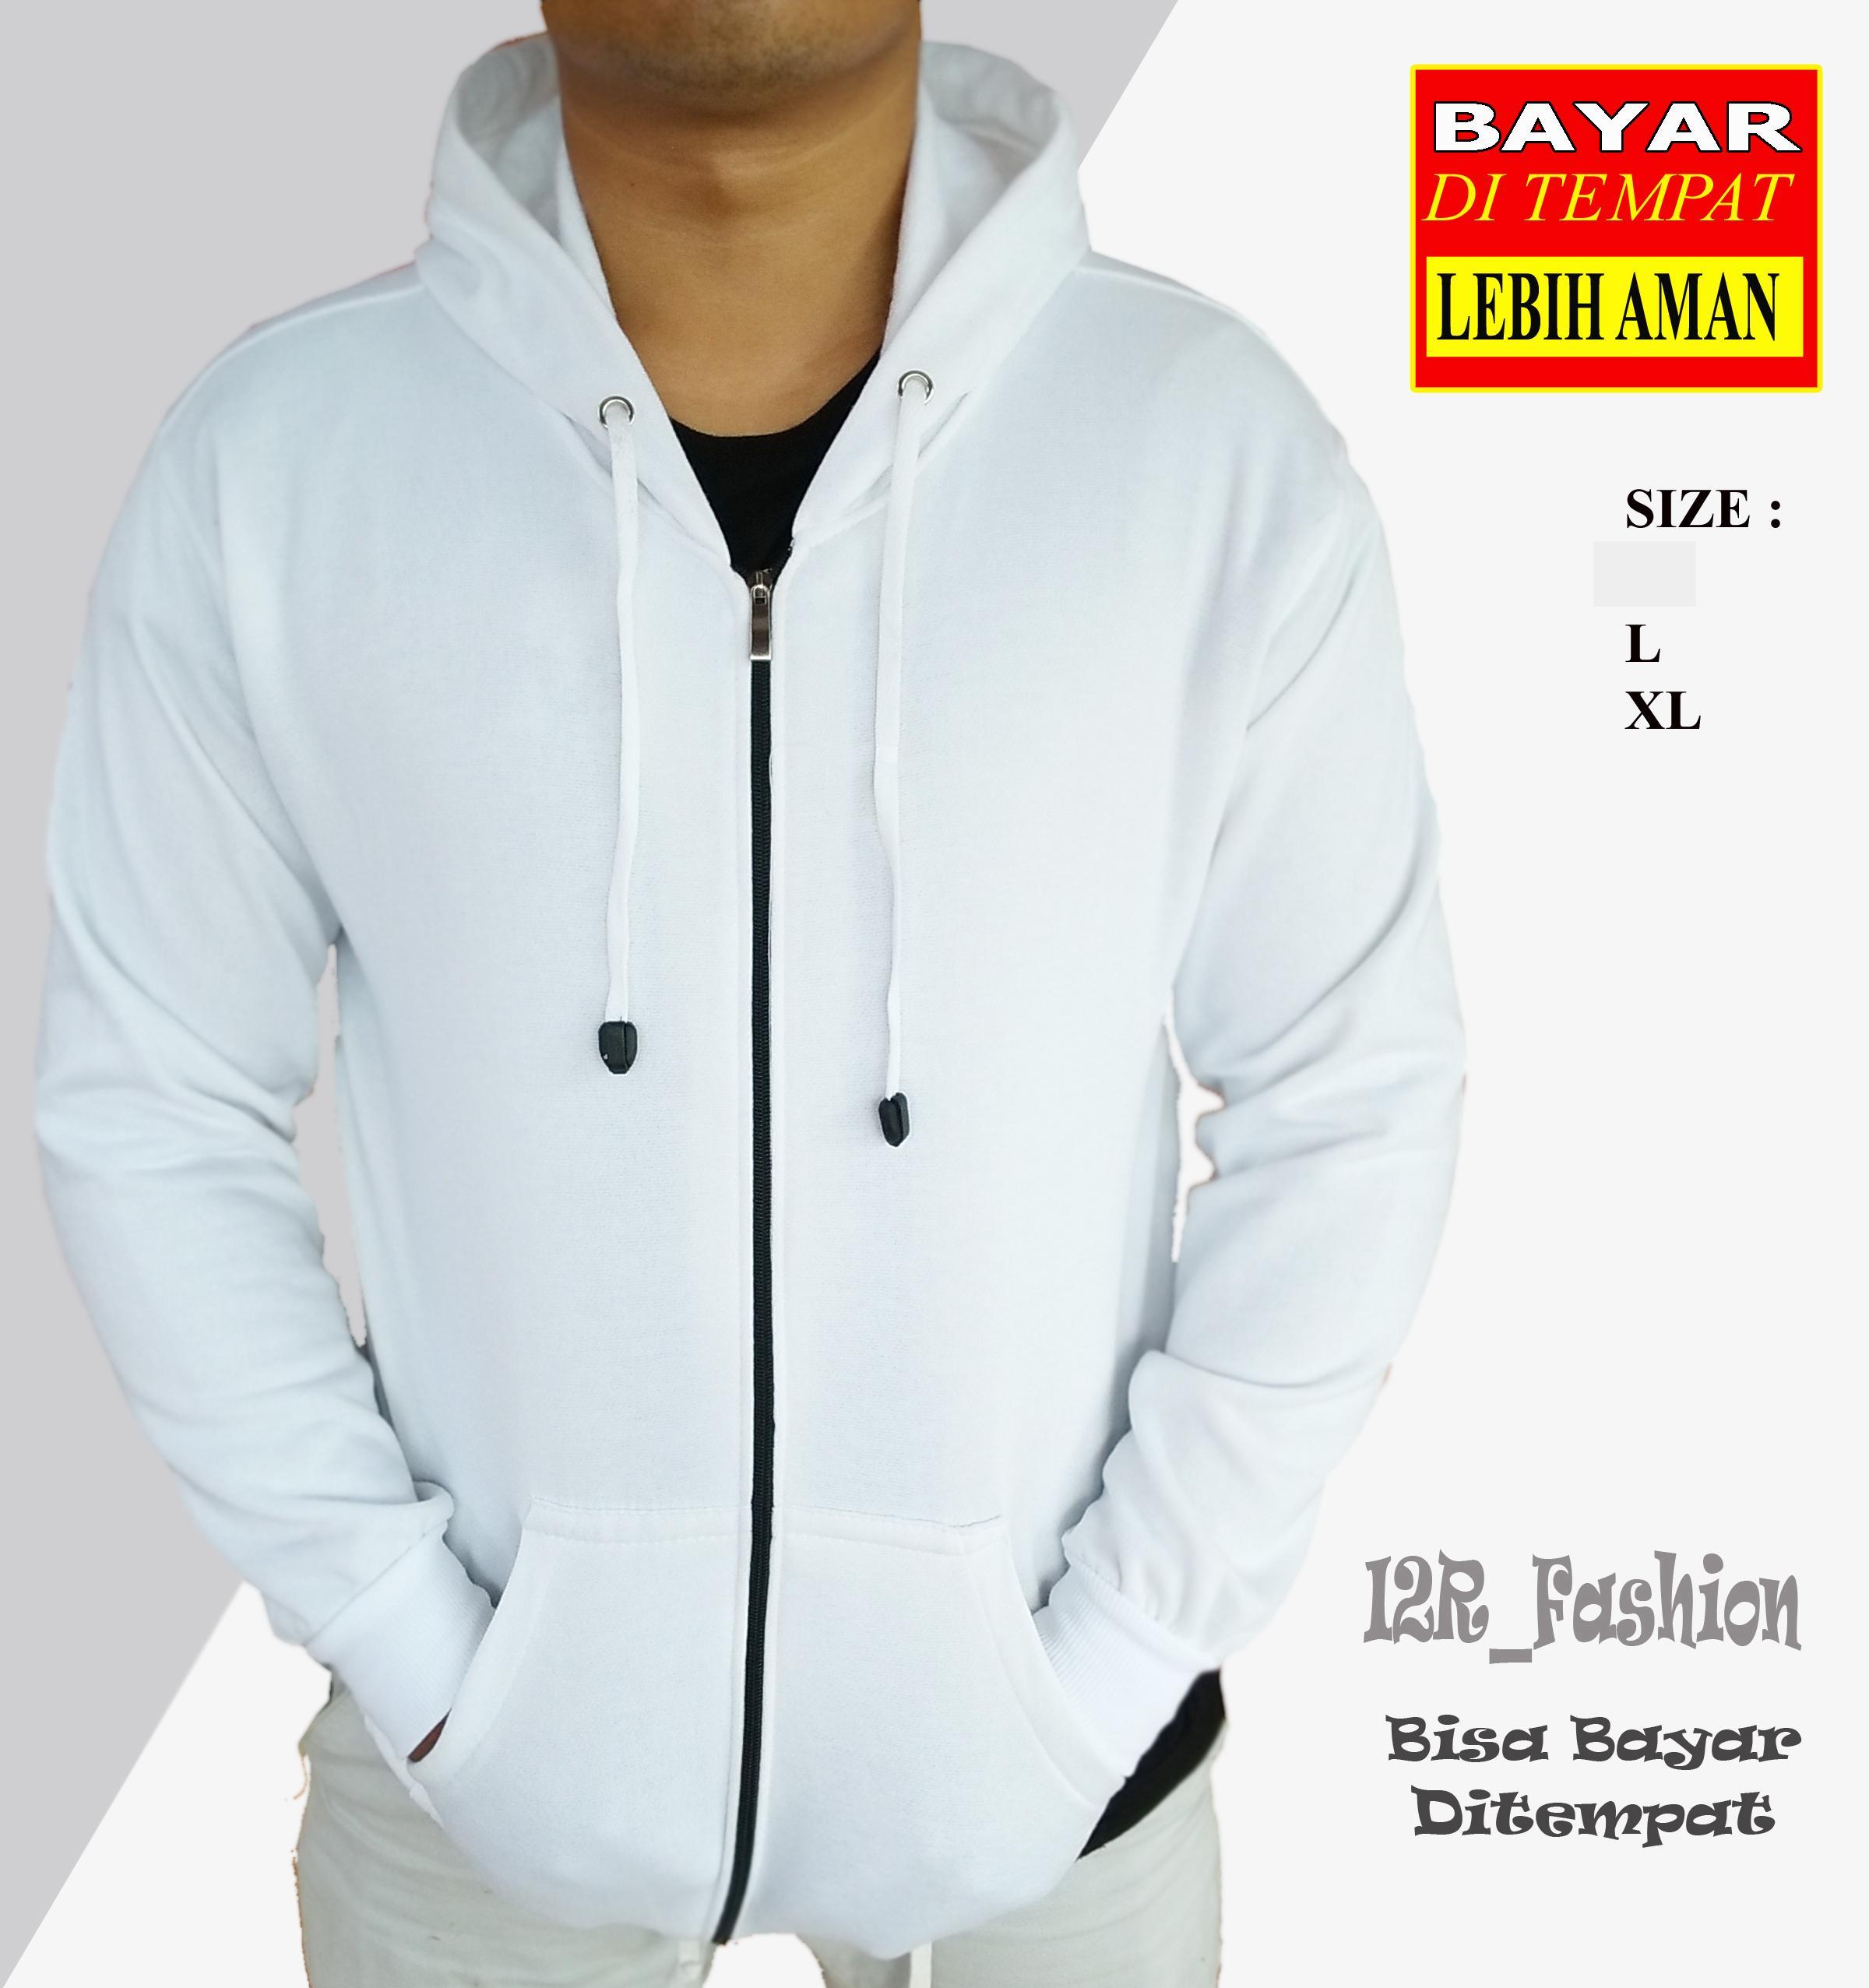 switer hoodie sreeting zipperHodie polos  hoodie pria  Jaket Pria   Sweater  Pria   Hoodie de74817c4e